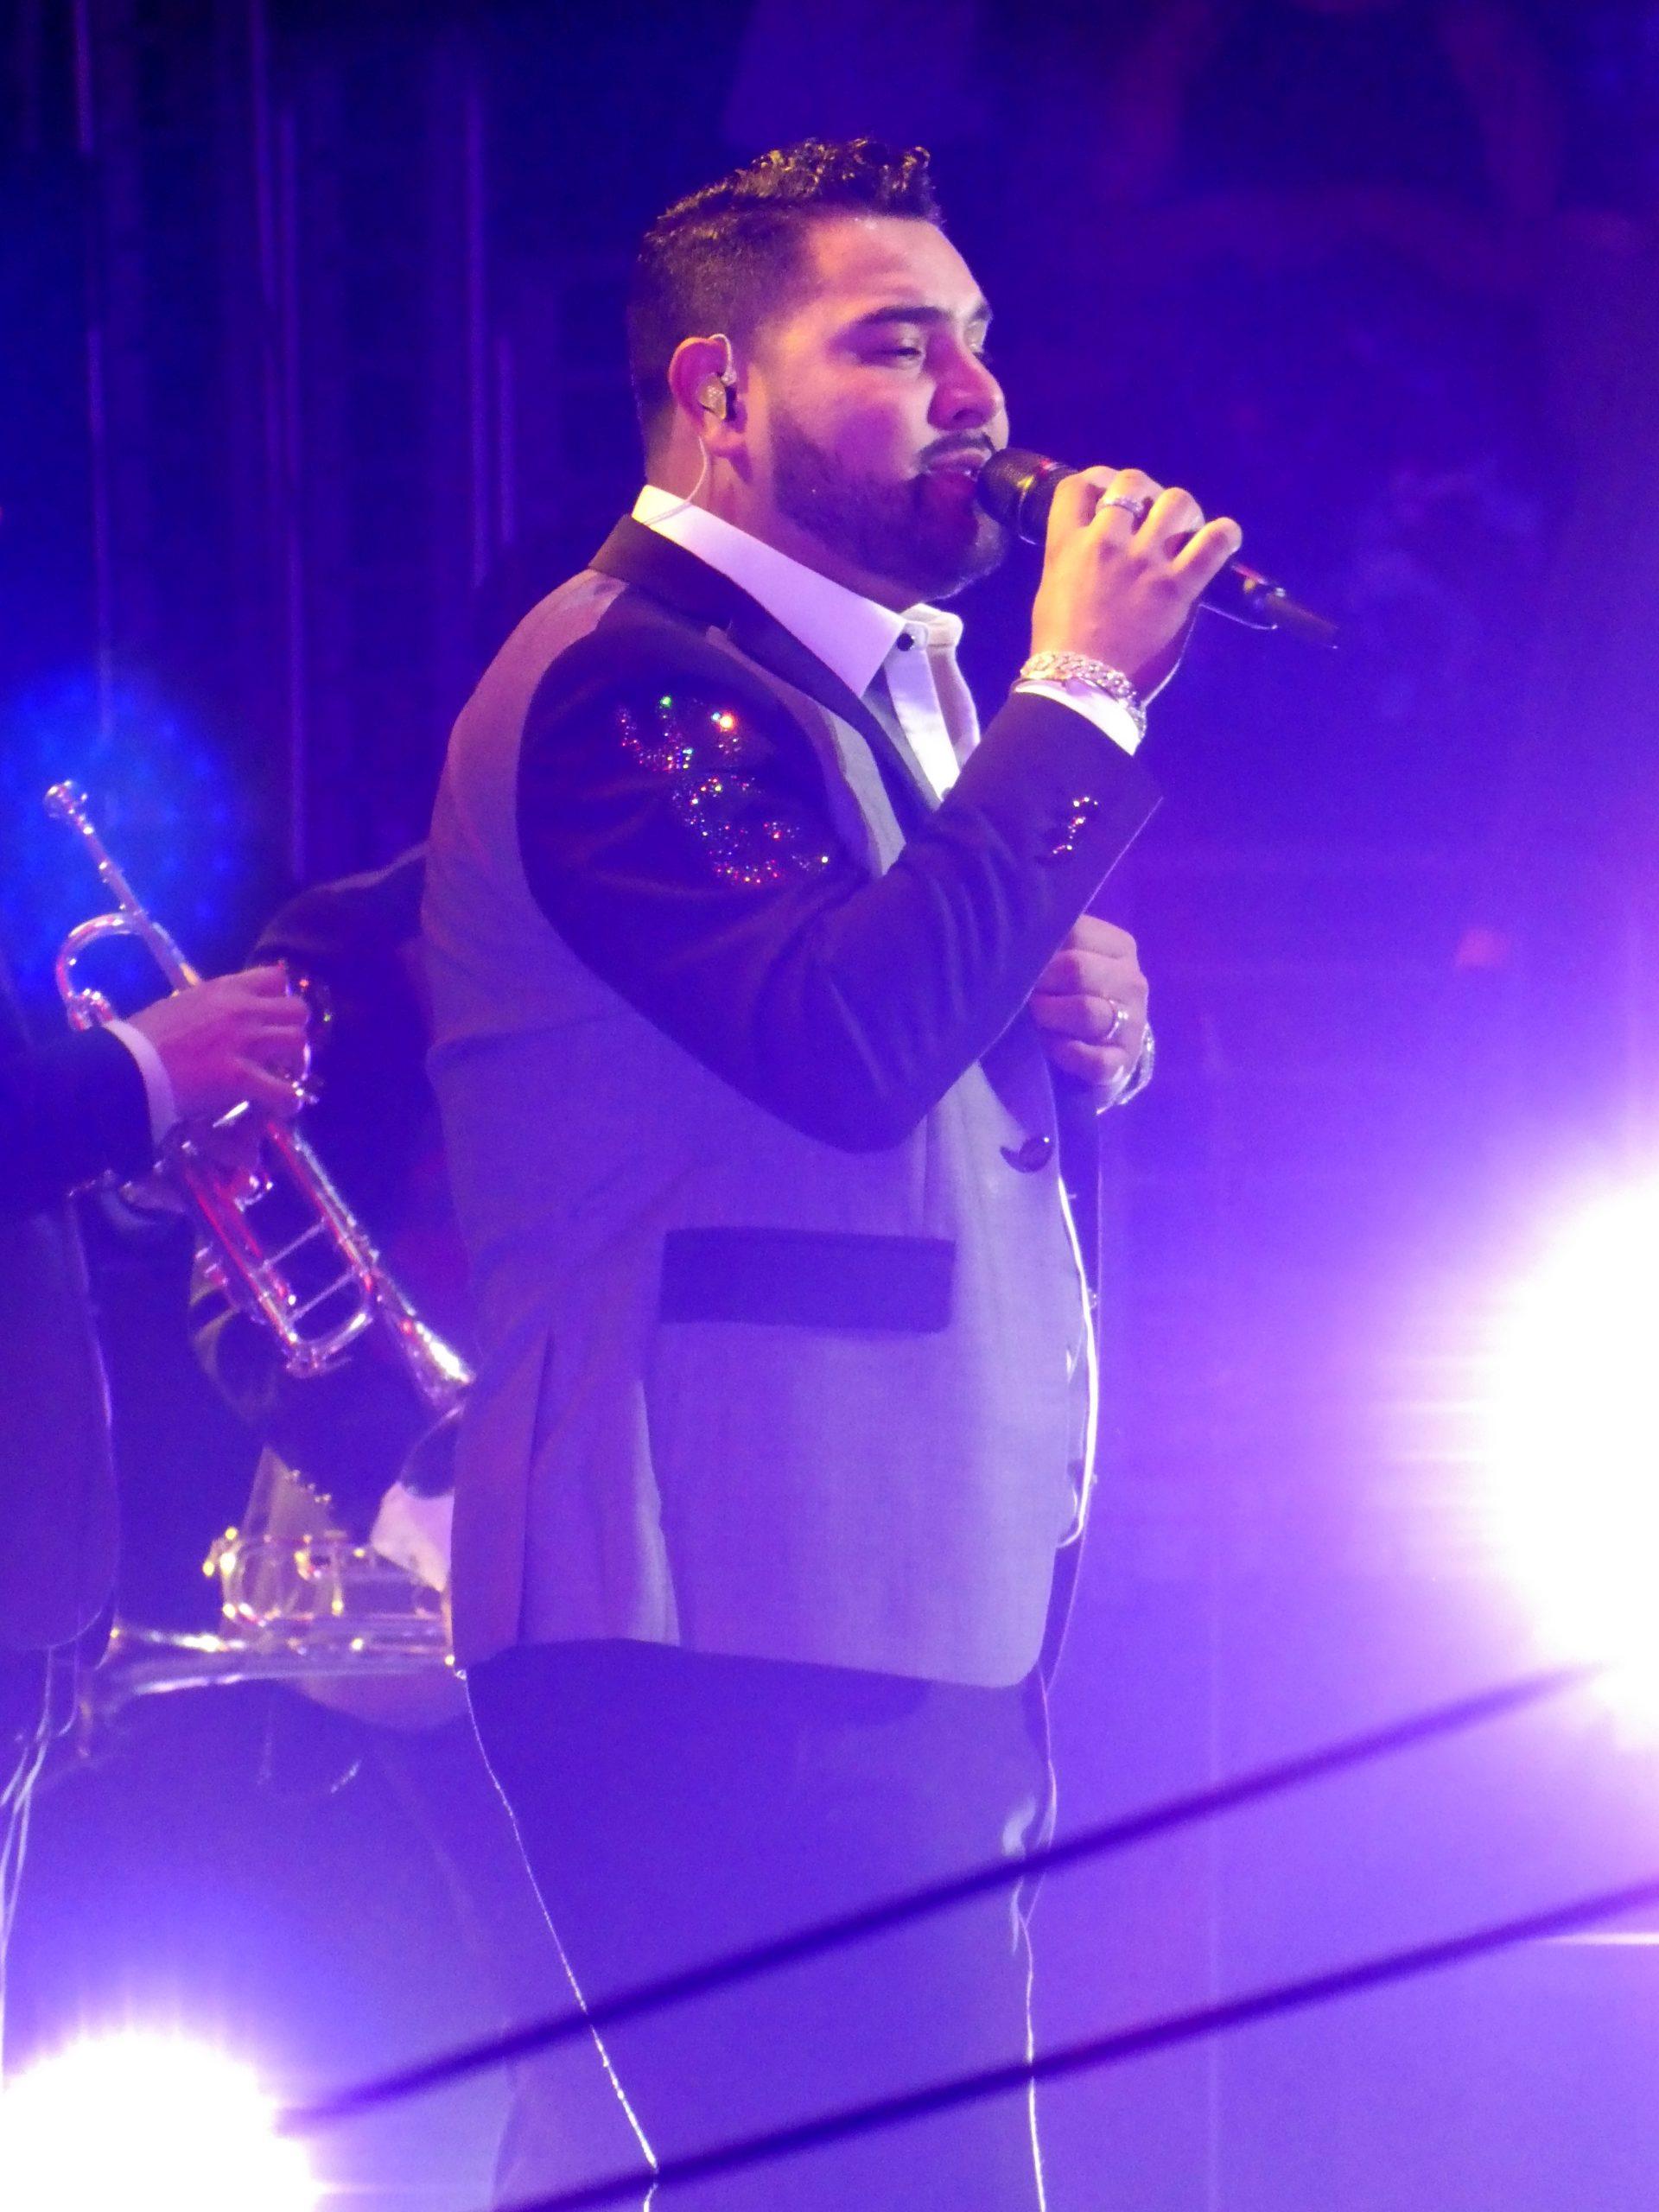 La Banda MS le abre las puertas del Staples Center a la música sinaloense